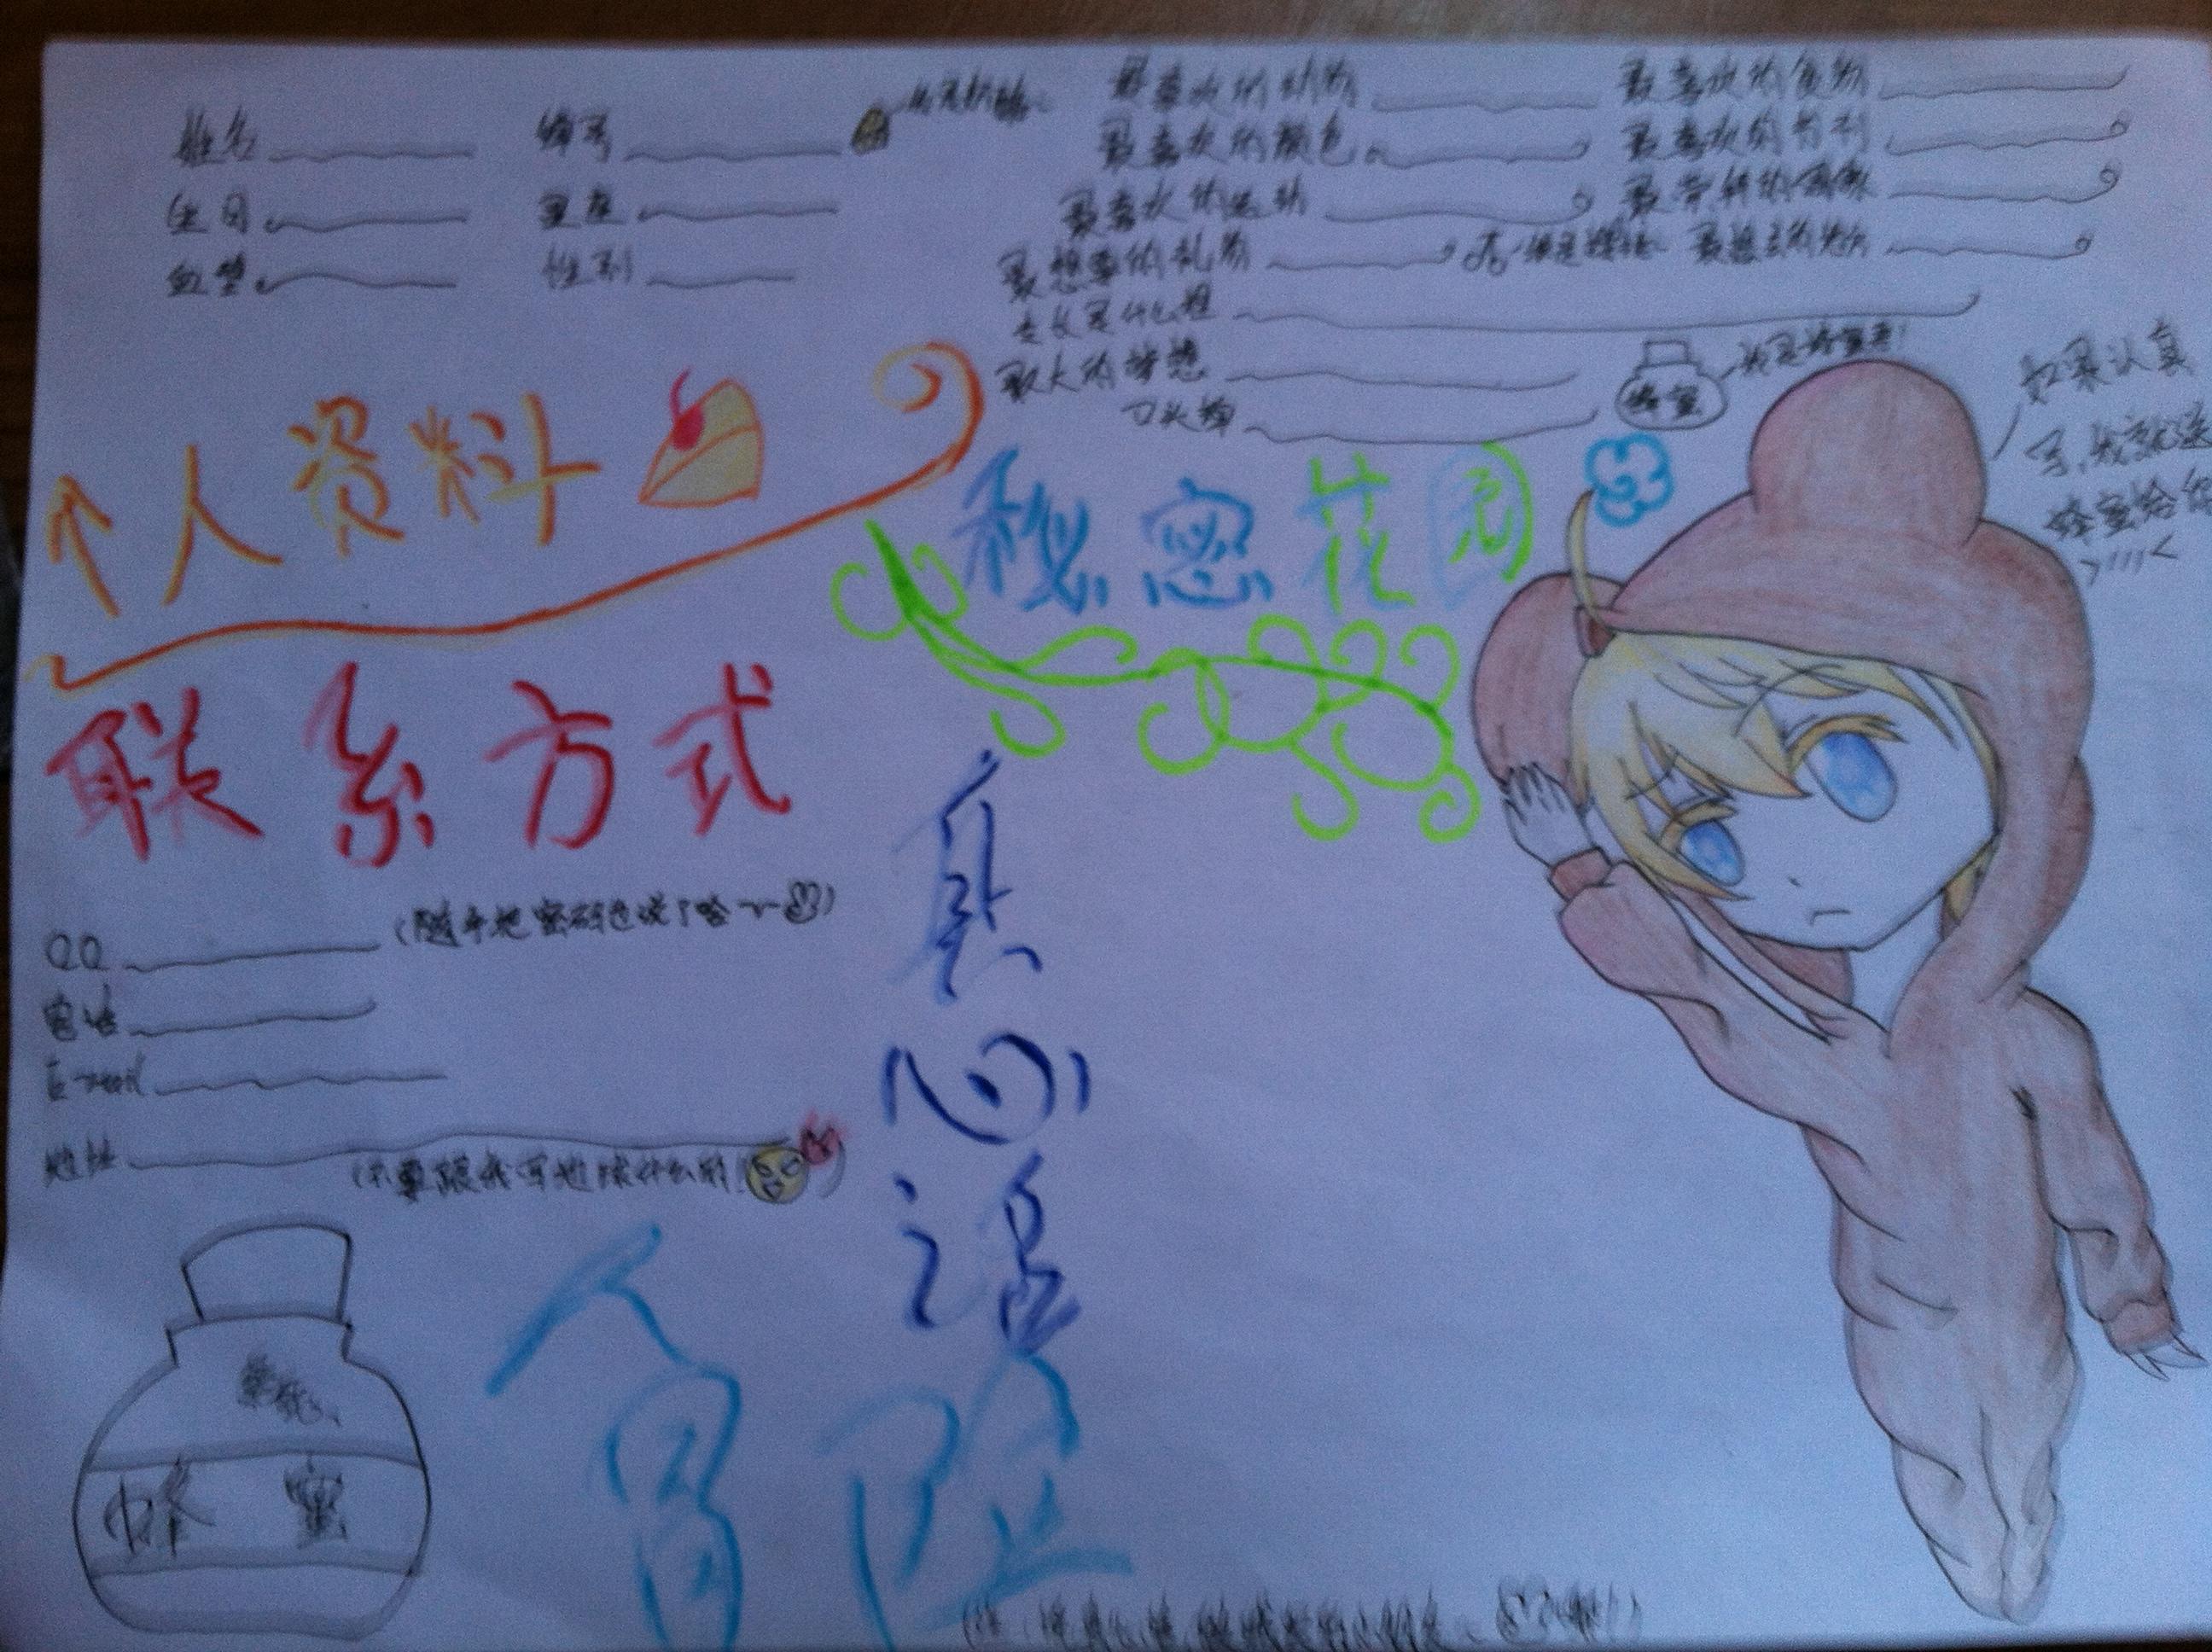 同学录留言手绘图案; 【白果林】手绘~=